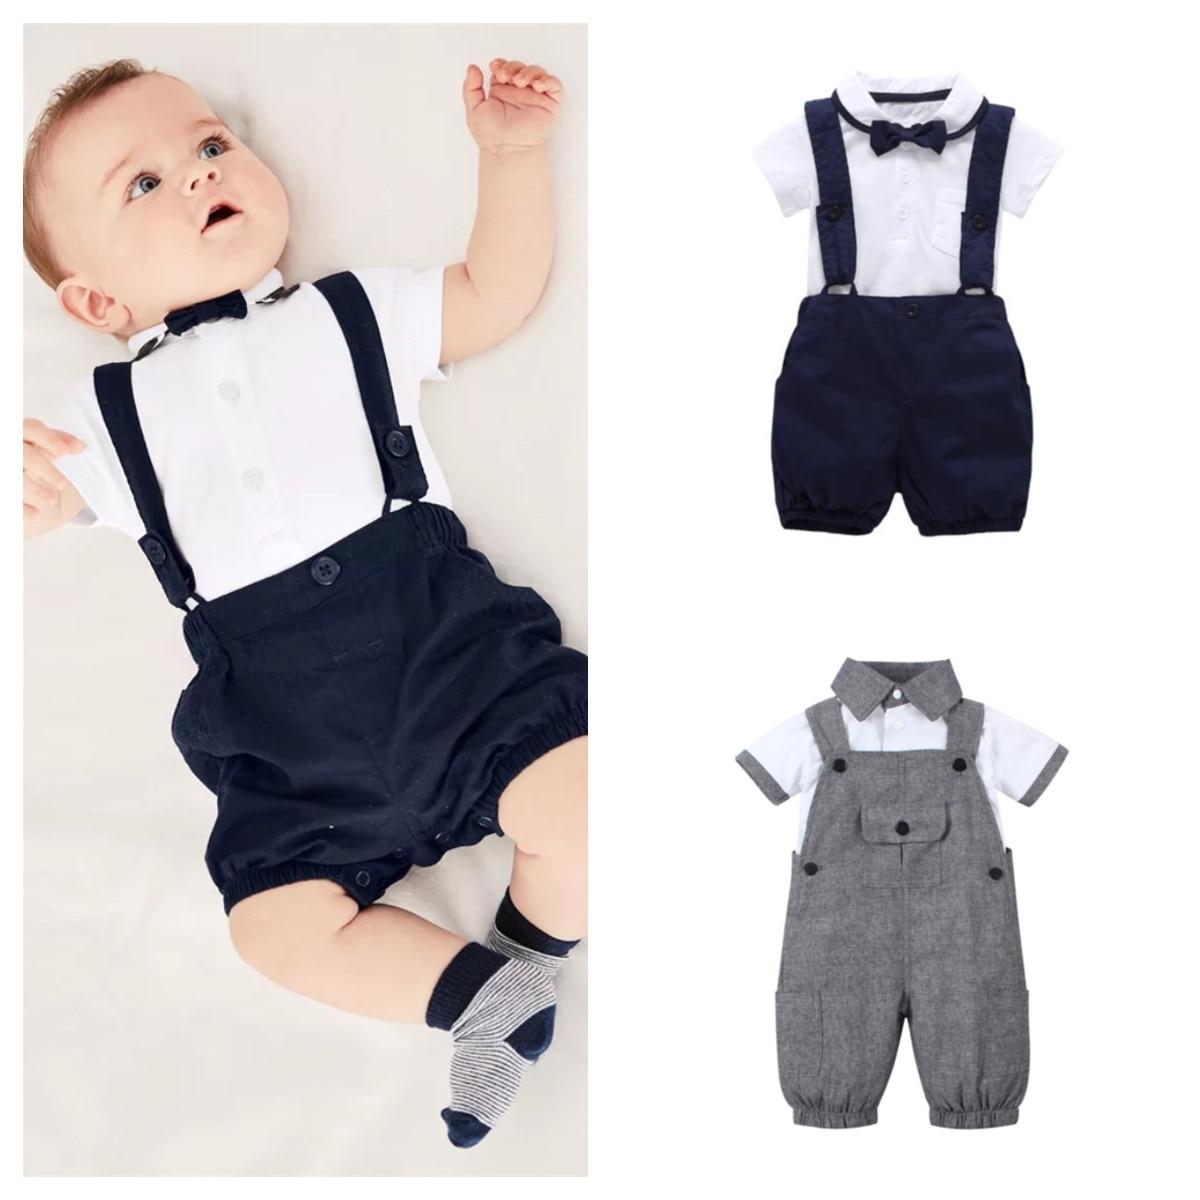 Одежда для маленьких мальчиков, джентльменская хлопковая футболка с коротким рукавом и комбинезоны, Одежда для новорожденных, летняя одежд...